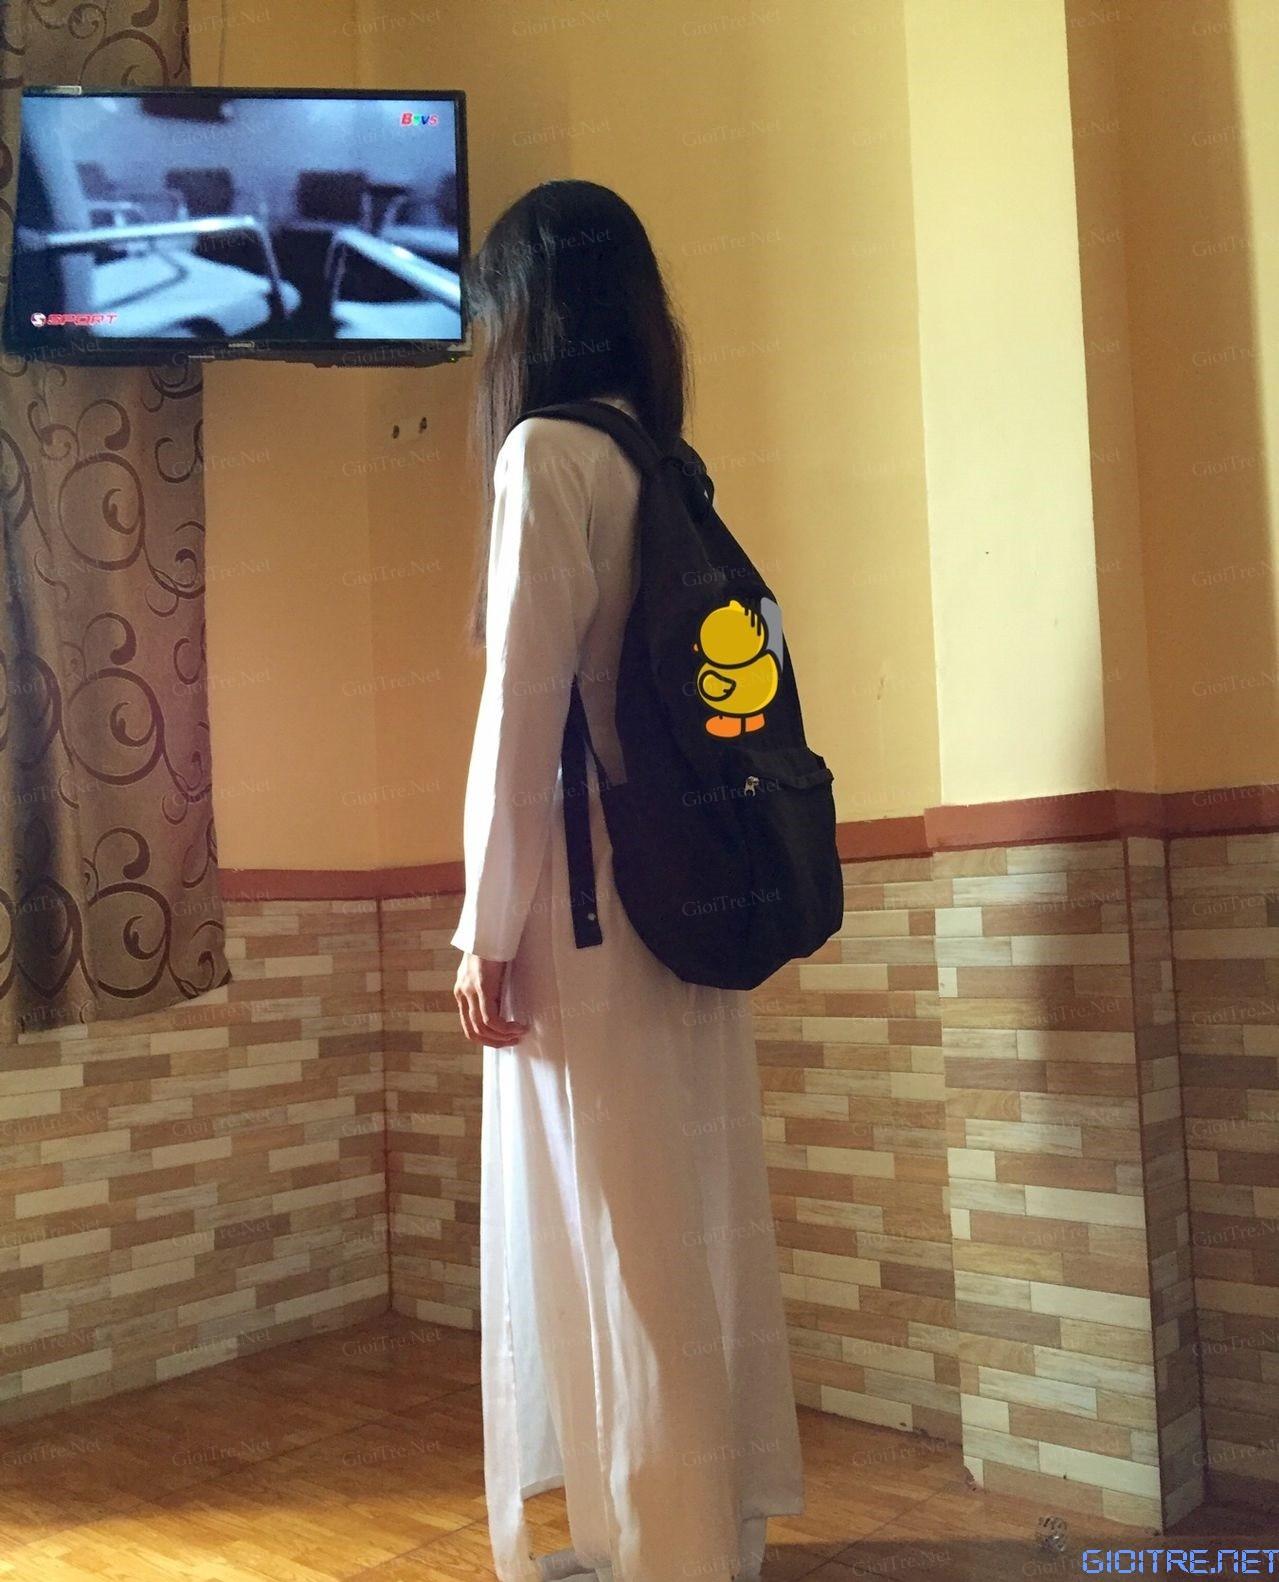 Shock với ảnh nóng nữ sinh Chuyên Văn khoe thân với áo dài trong Nhà Nghỉ